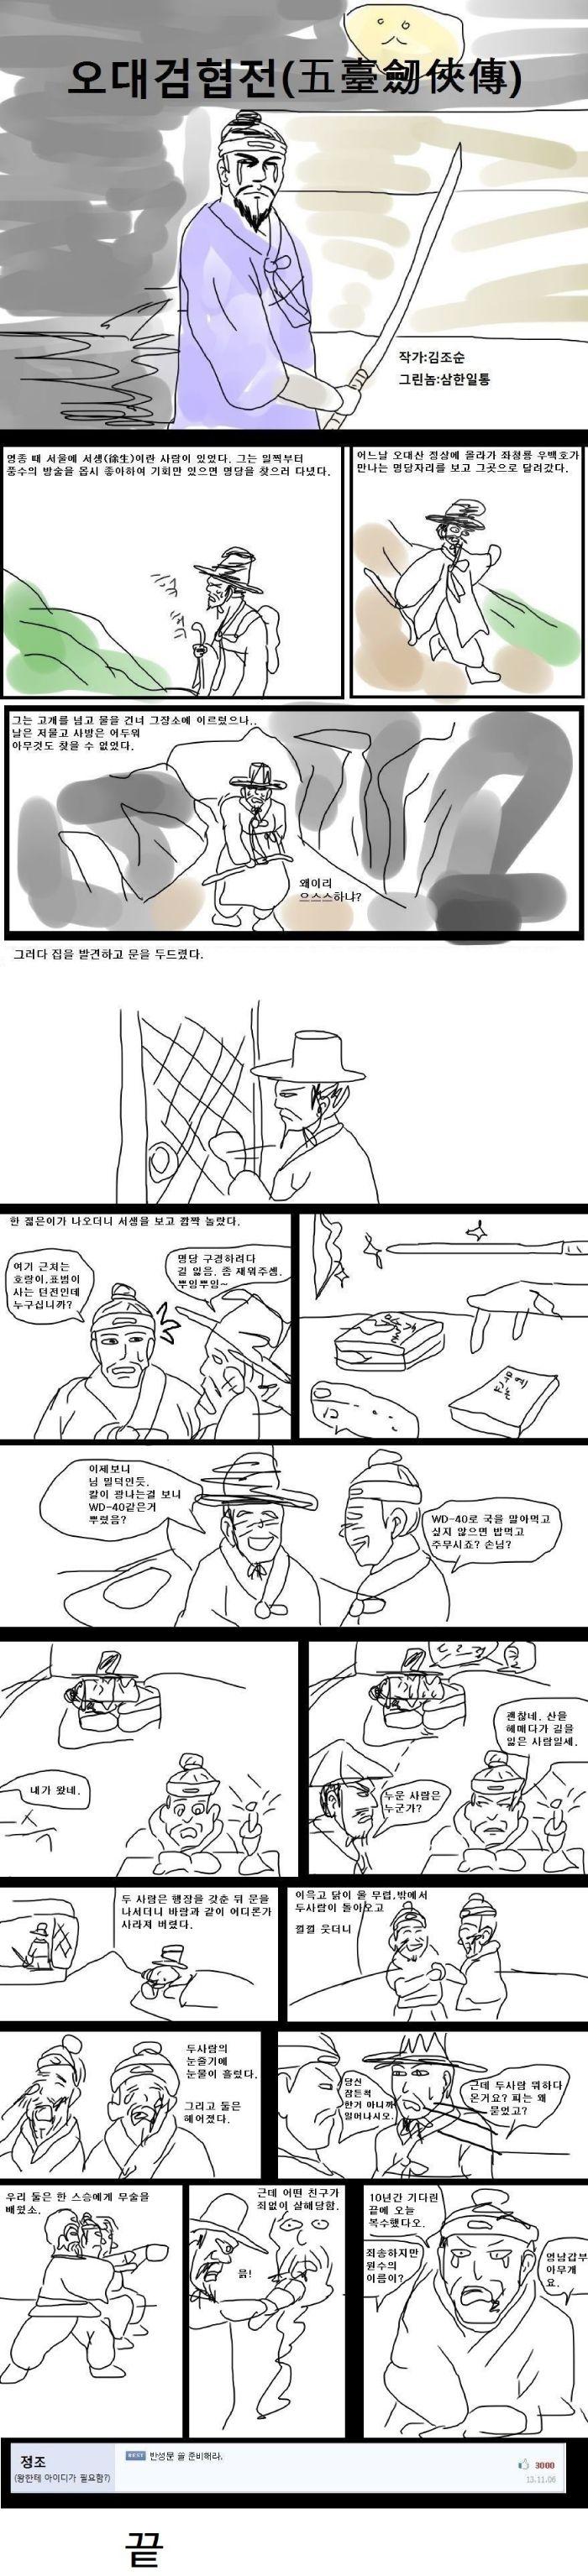 삼한일통의 고전소설만화]오대검협전